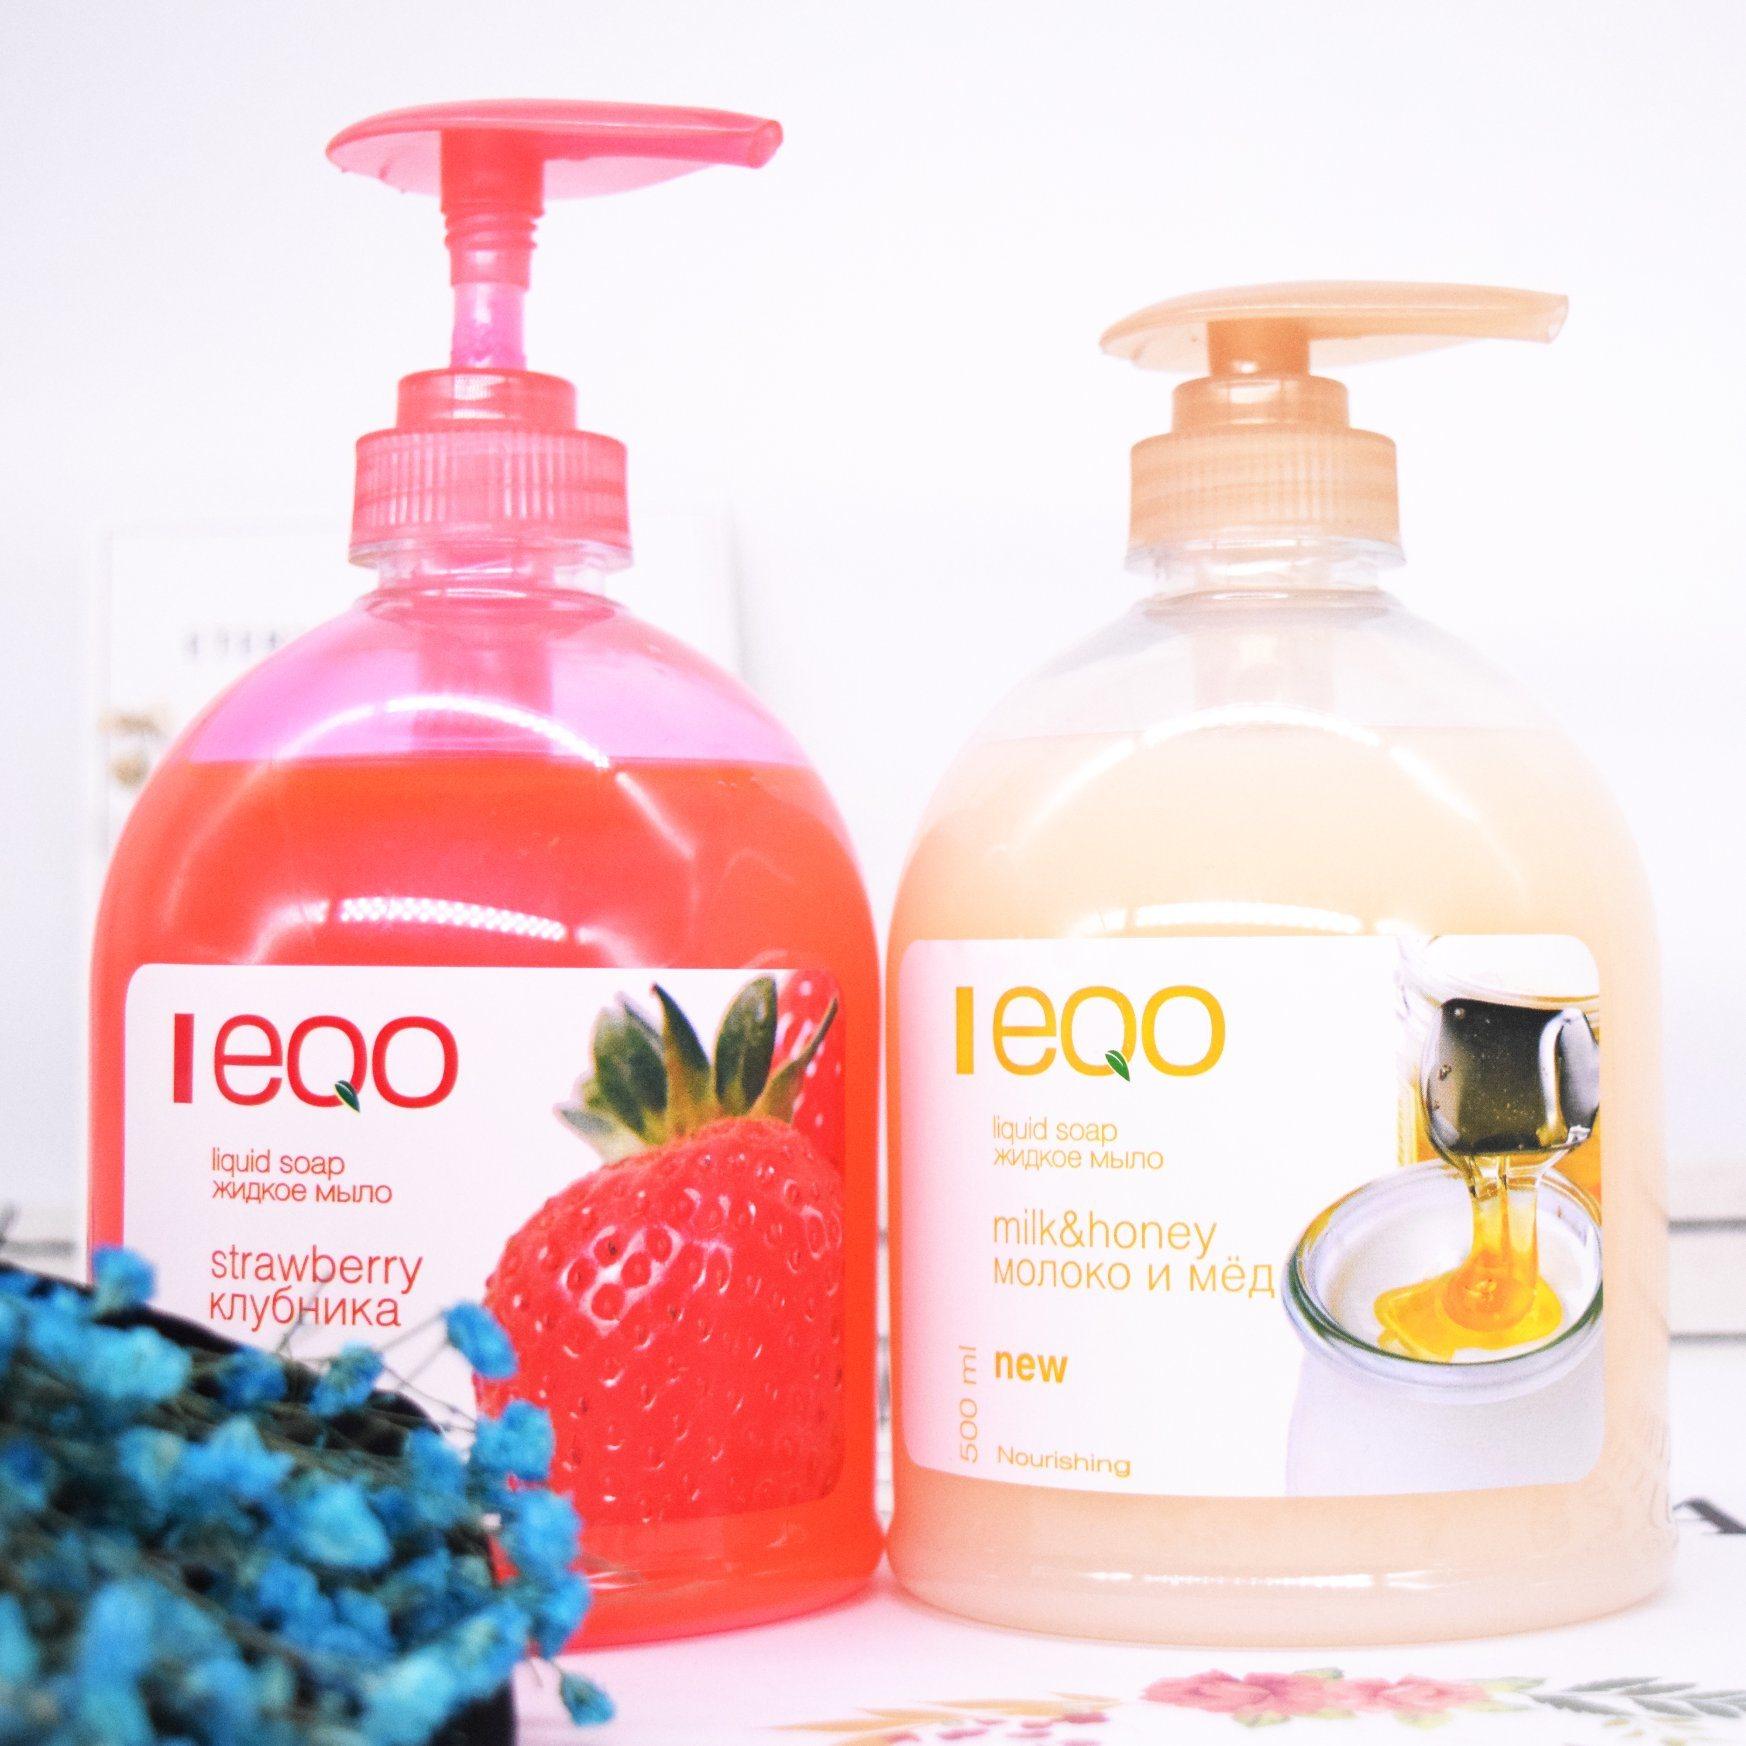 Natural Washing Liquid Soap Hand Wash Milk & Honey Nourishing